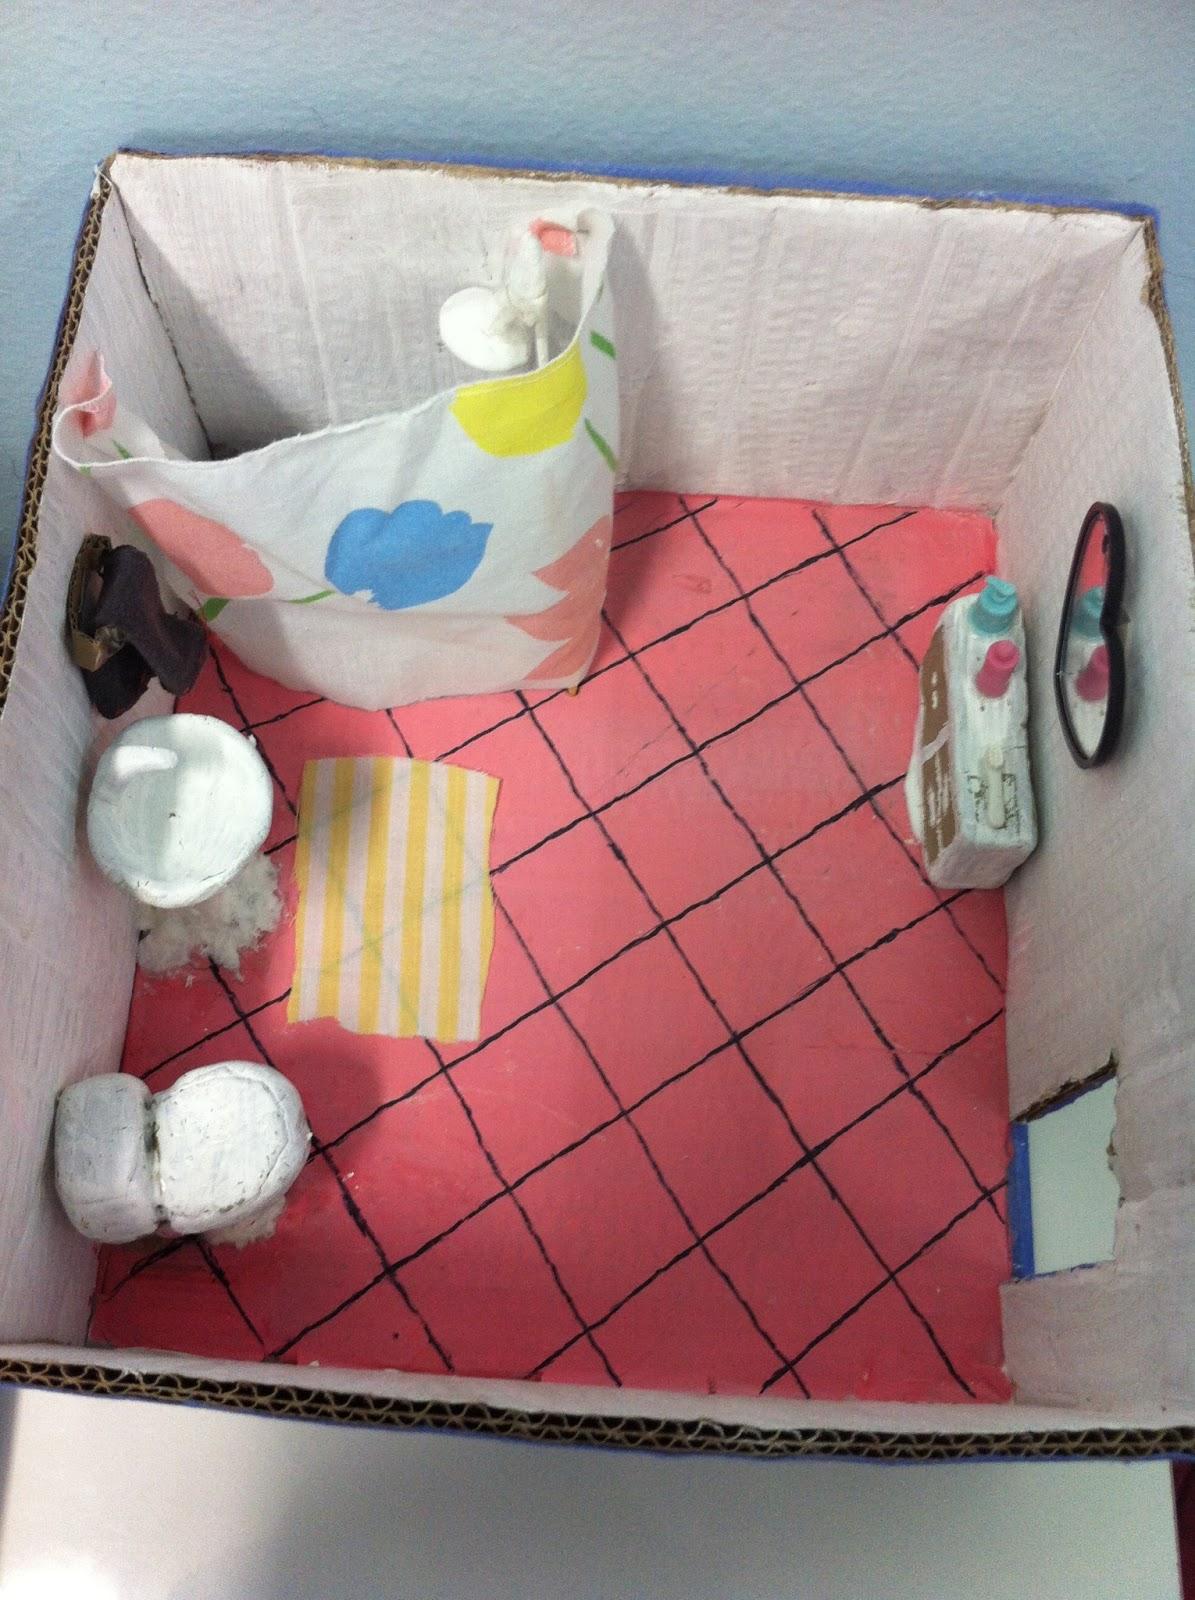 Feira de Ciencias banheiro autosustentavel : Banheiro Auto  #913A3D 1195 1600